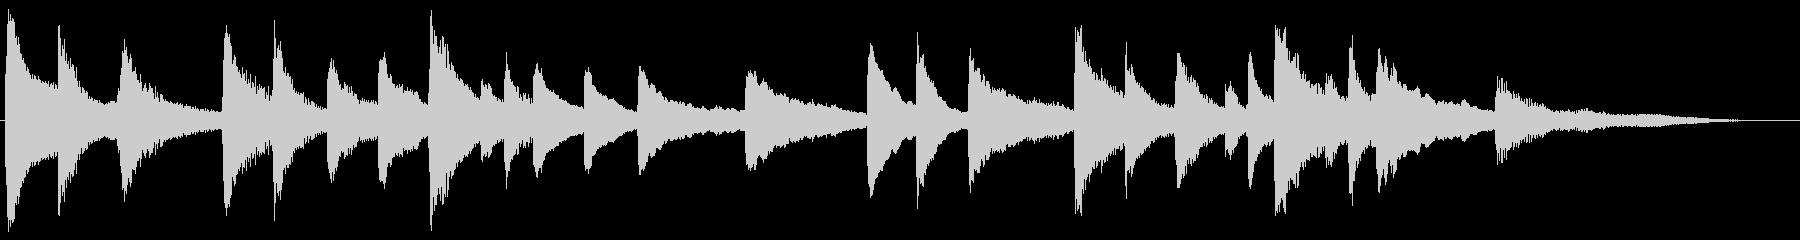 子守唄風 スローで優しいピアノ・ジングルの未再生の波形